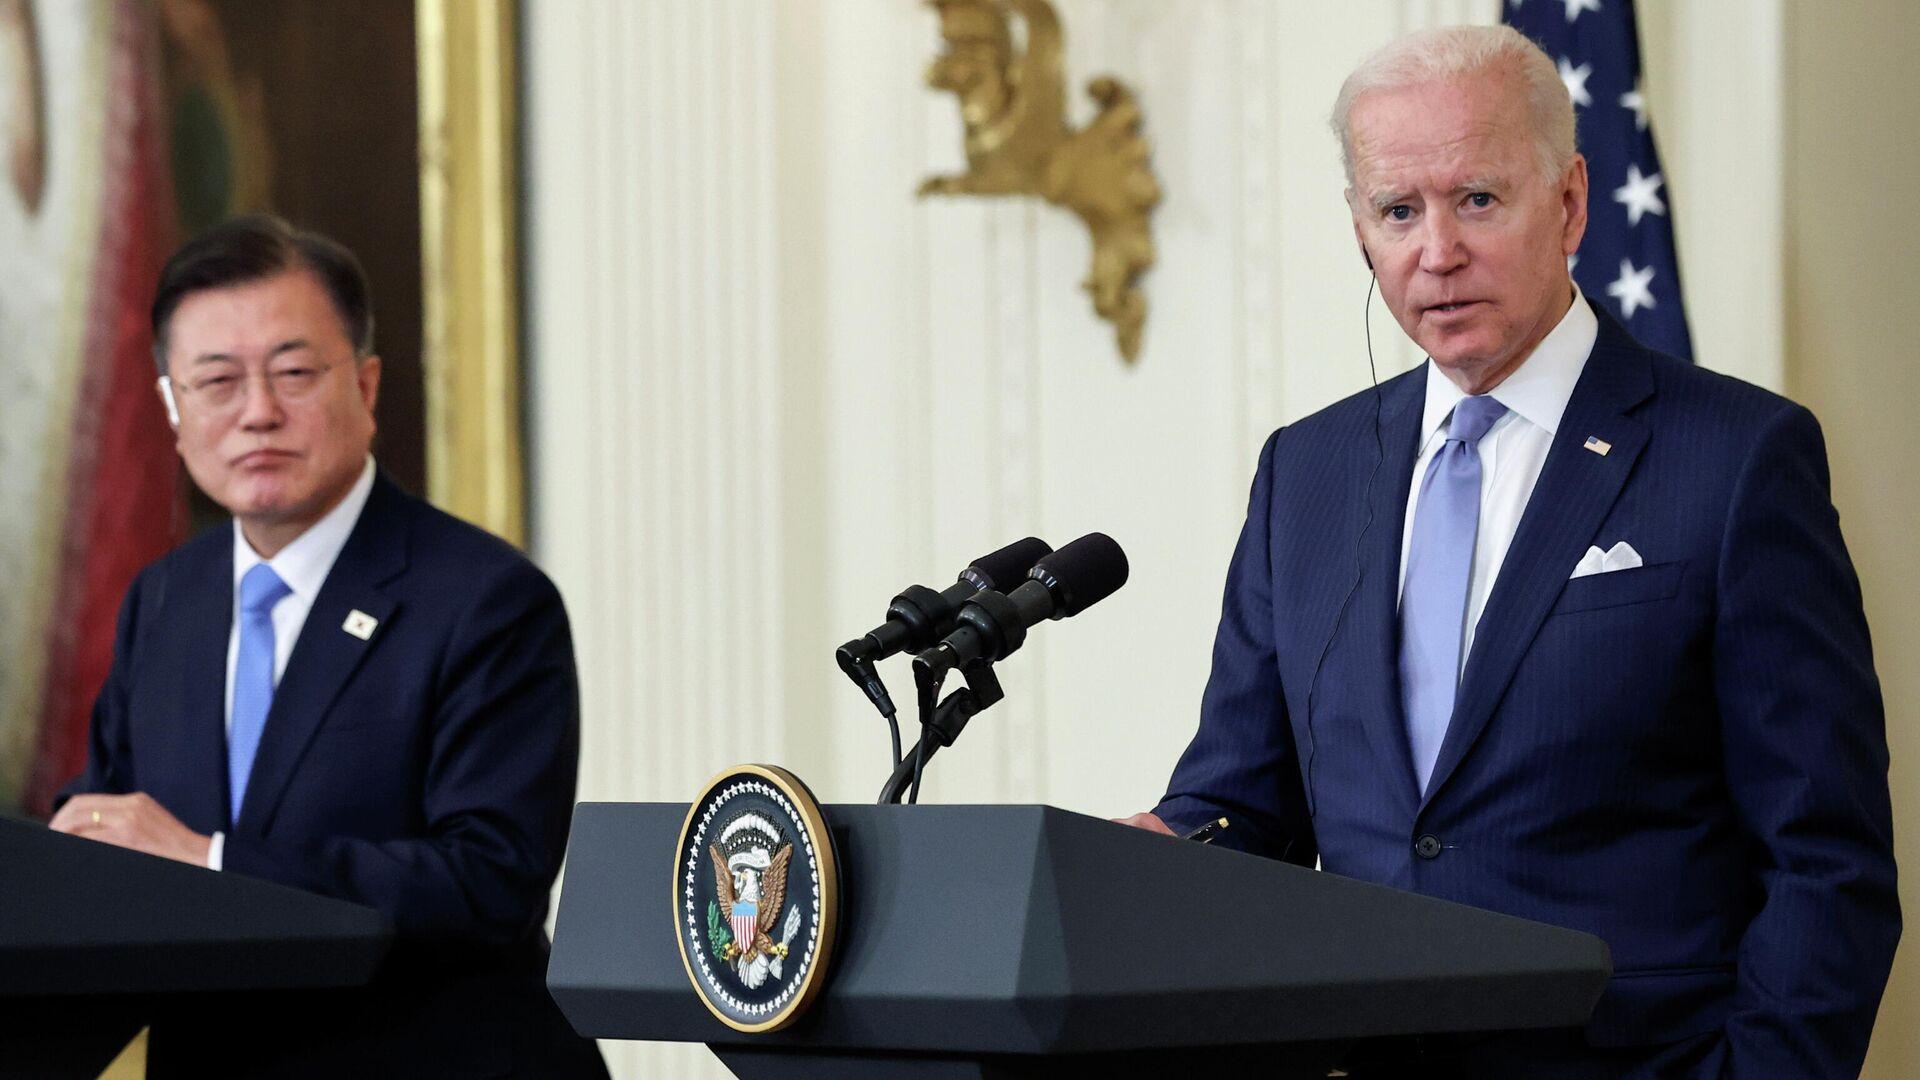 El presidente estadounidense Joe Biden durante una rueda de prensa conjunta con el presidente Moon Jae-in - Sputnik Mundo, 1920, 21.05.2021